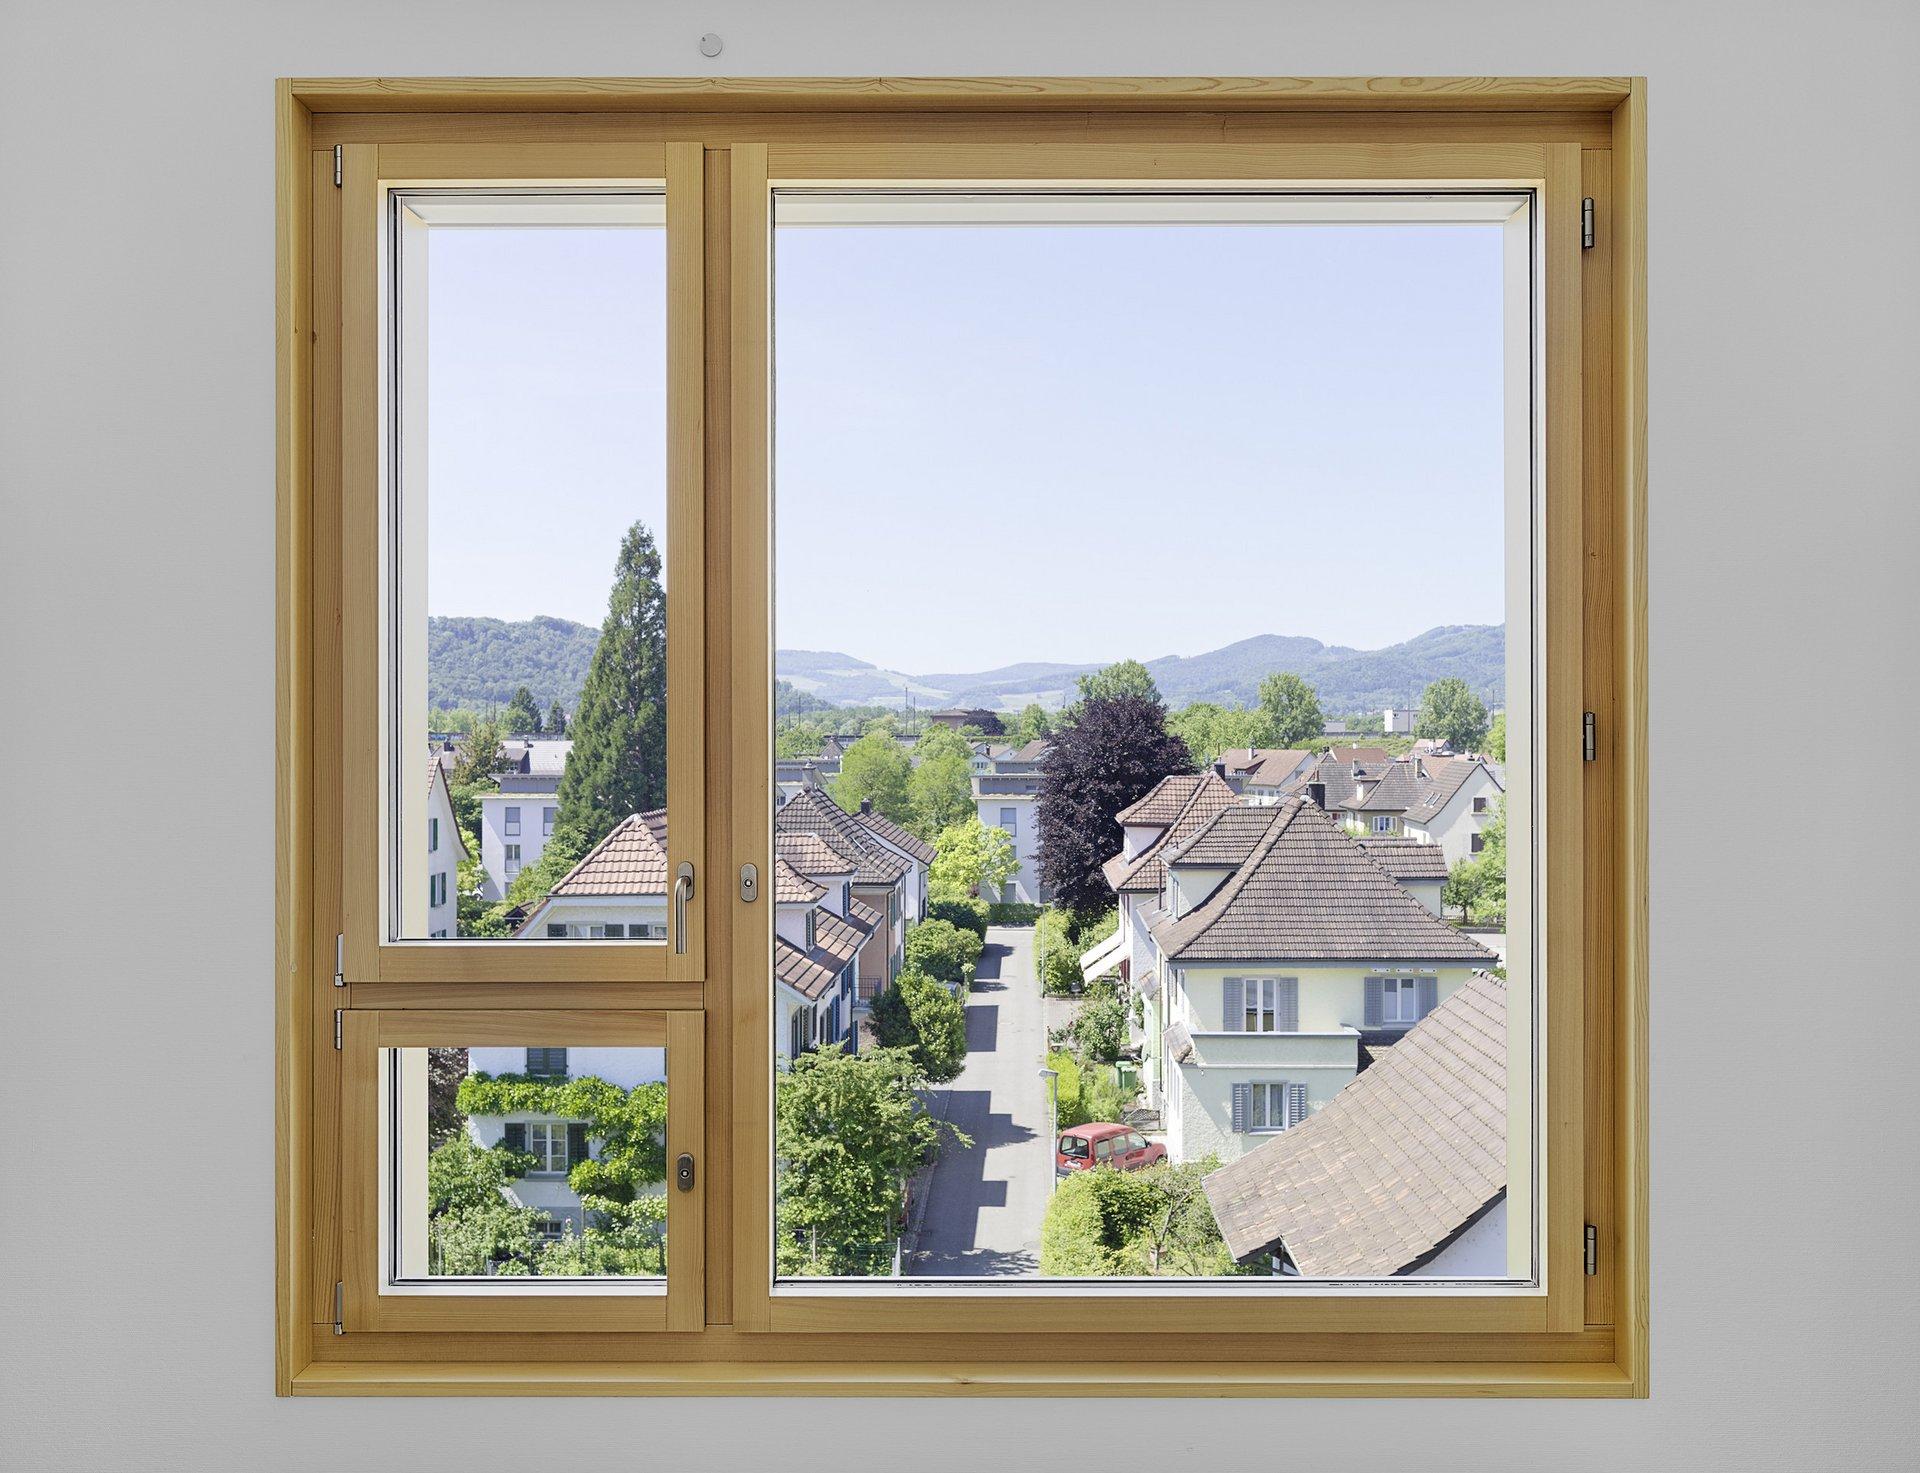 Fensterlement mit feststehenden Teilen aus Holz-Metall von innen